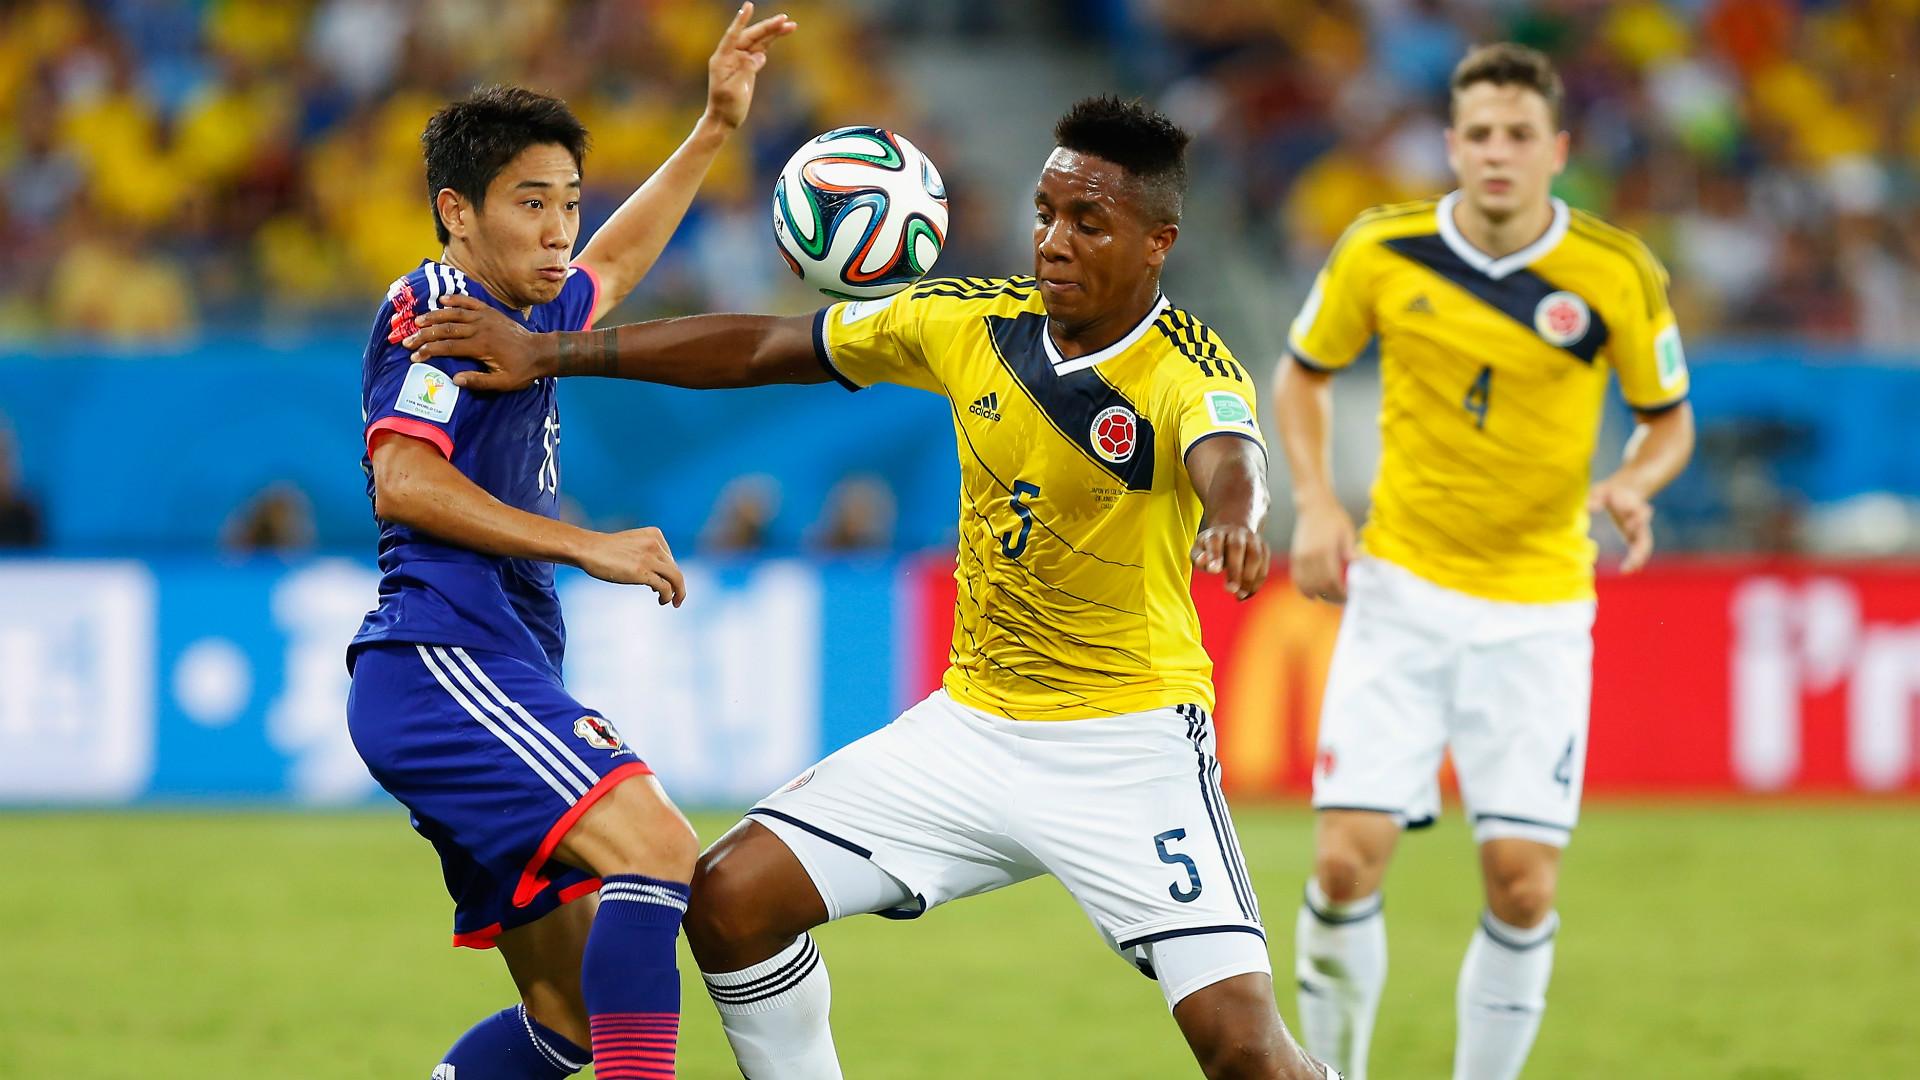 Carlos Carbonero - Selección Colombia